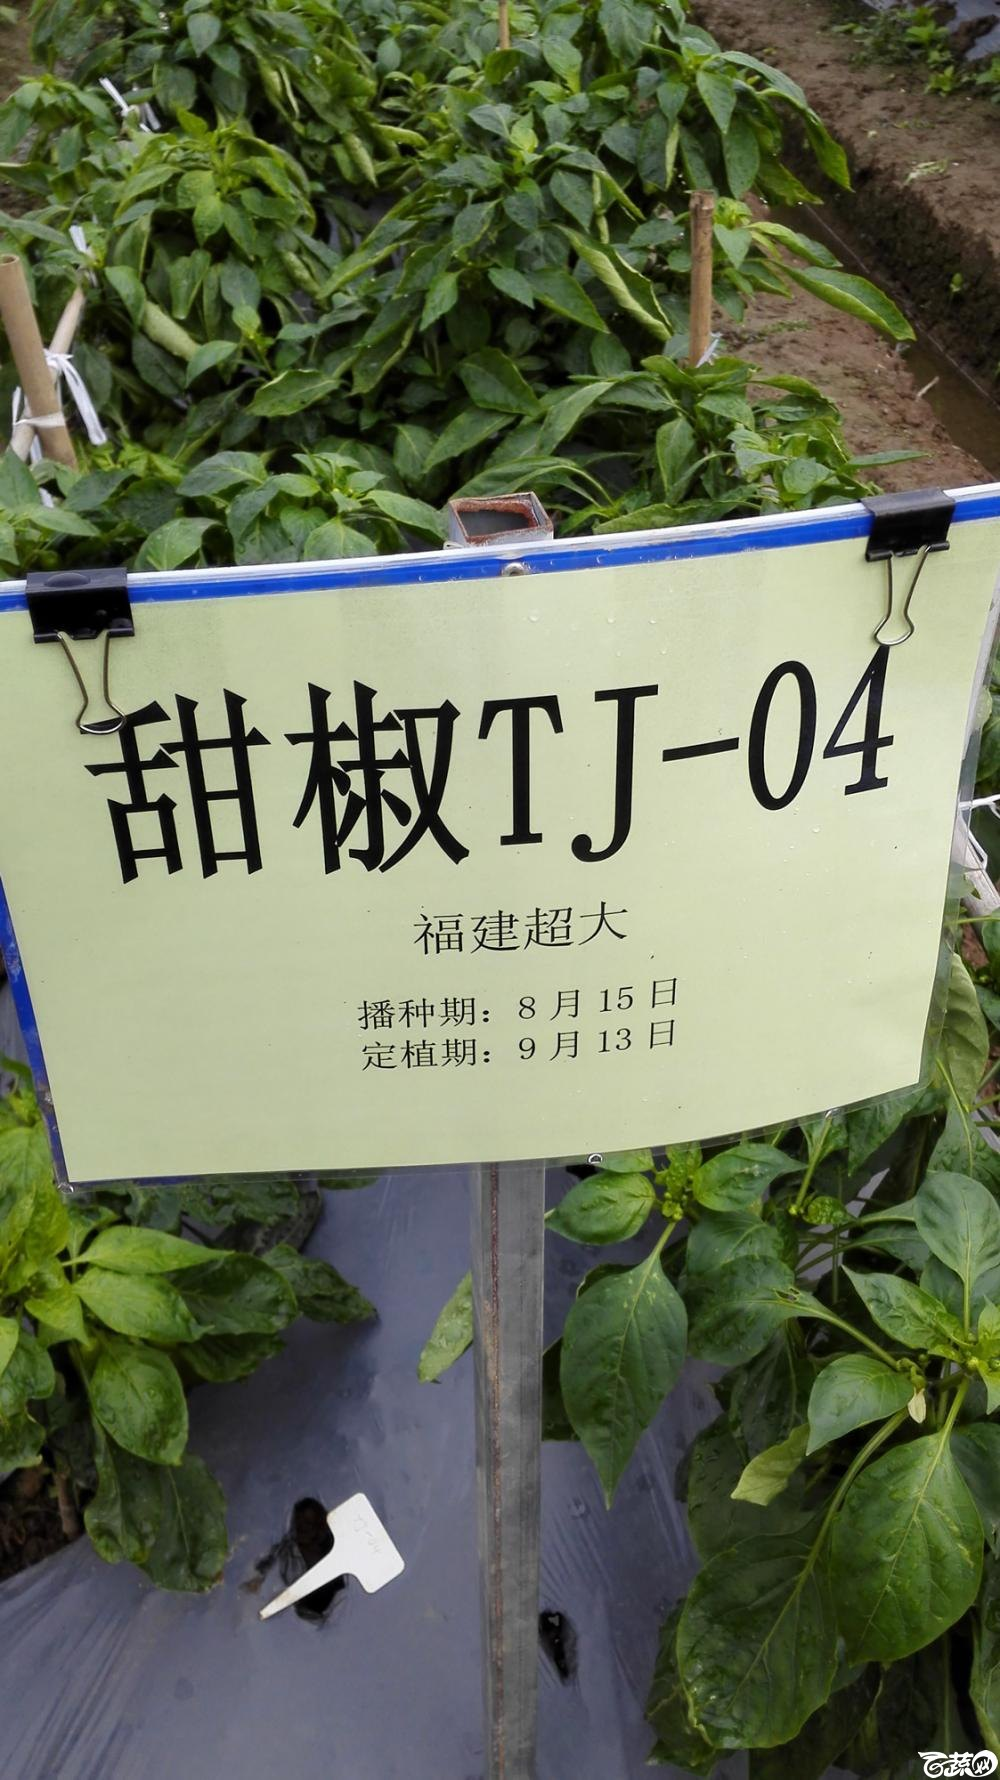 2014年12月8号中山蔬菜新品种展示会_辣椒_146.jpg